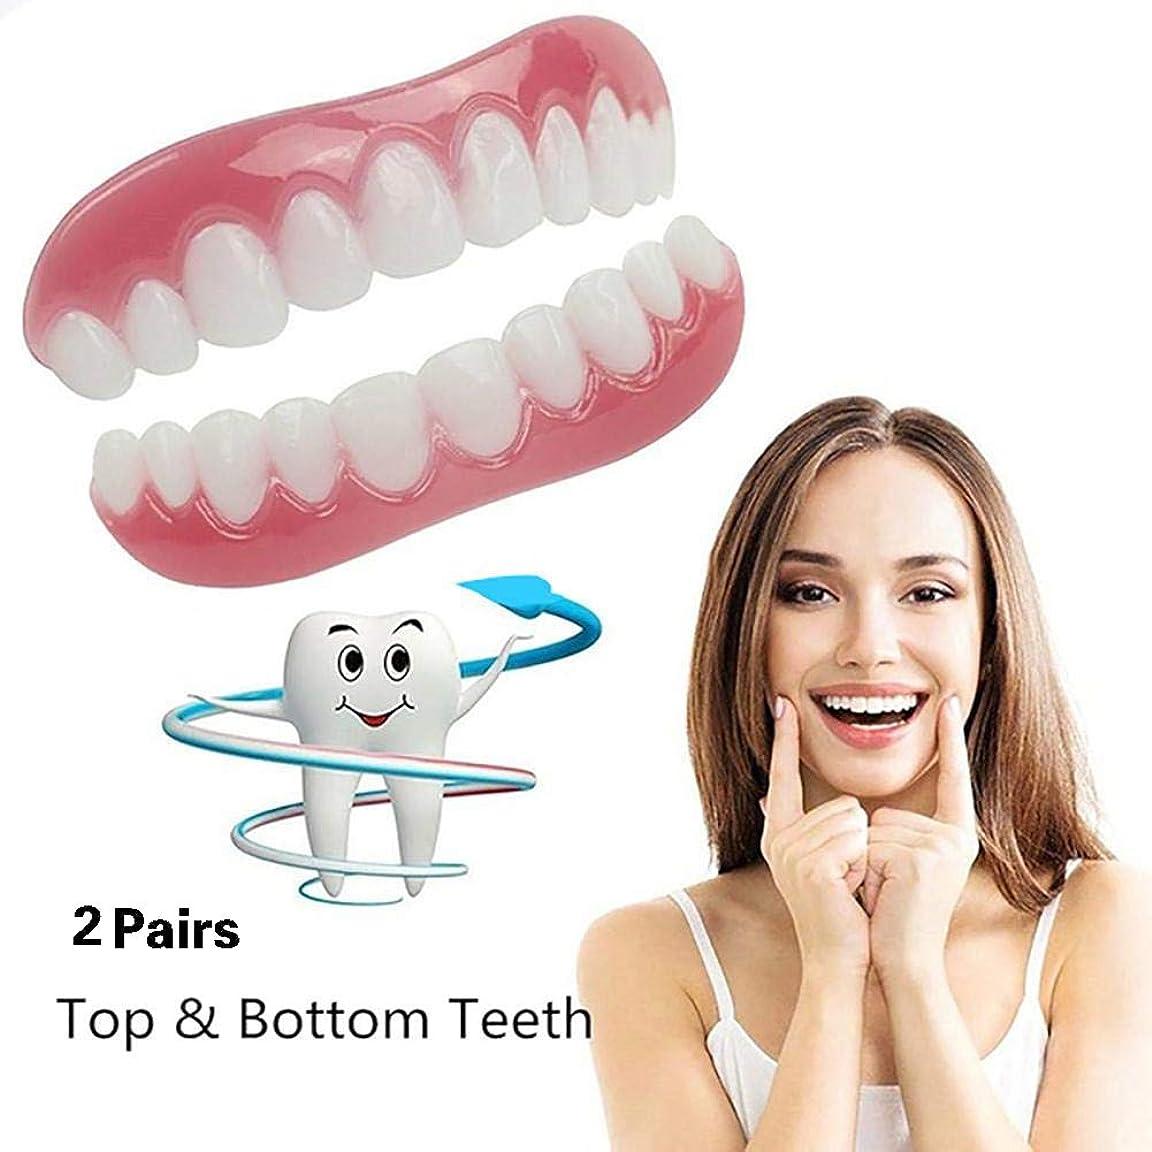 悪質な肌正しく2対のシリコーンの歯のベニヤの歯の快適さのフィットフレックス化粧品の歯義歯の歯のトップとボトム化粧品のベニヤのシミュレーションのブレースワンサイズフィットすべて